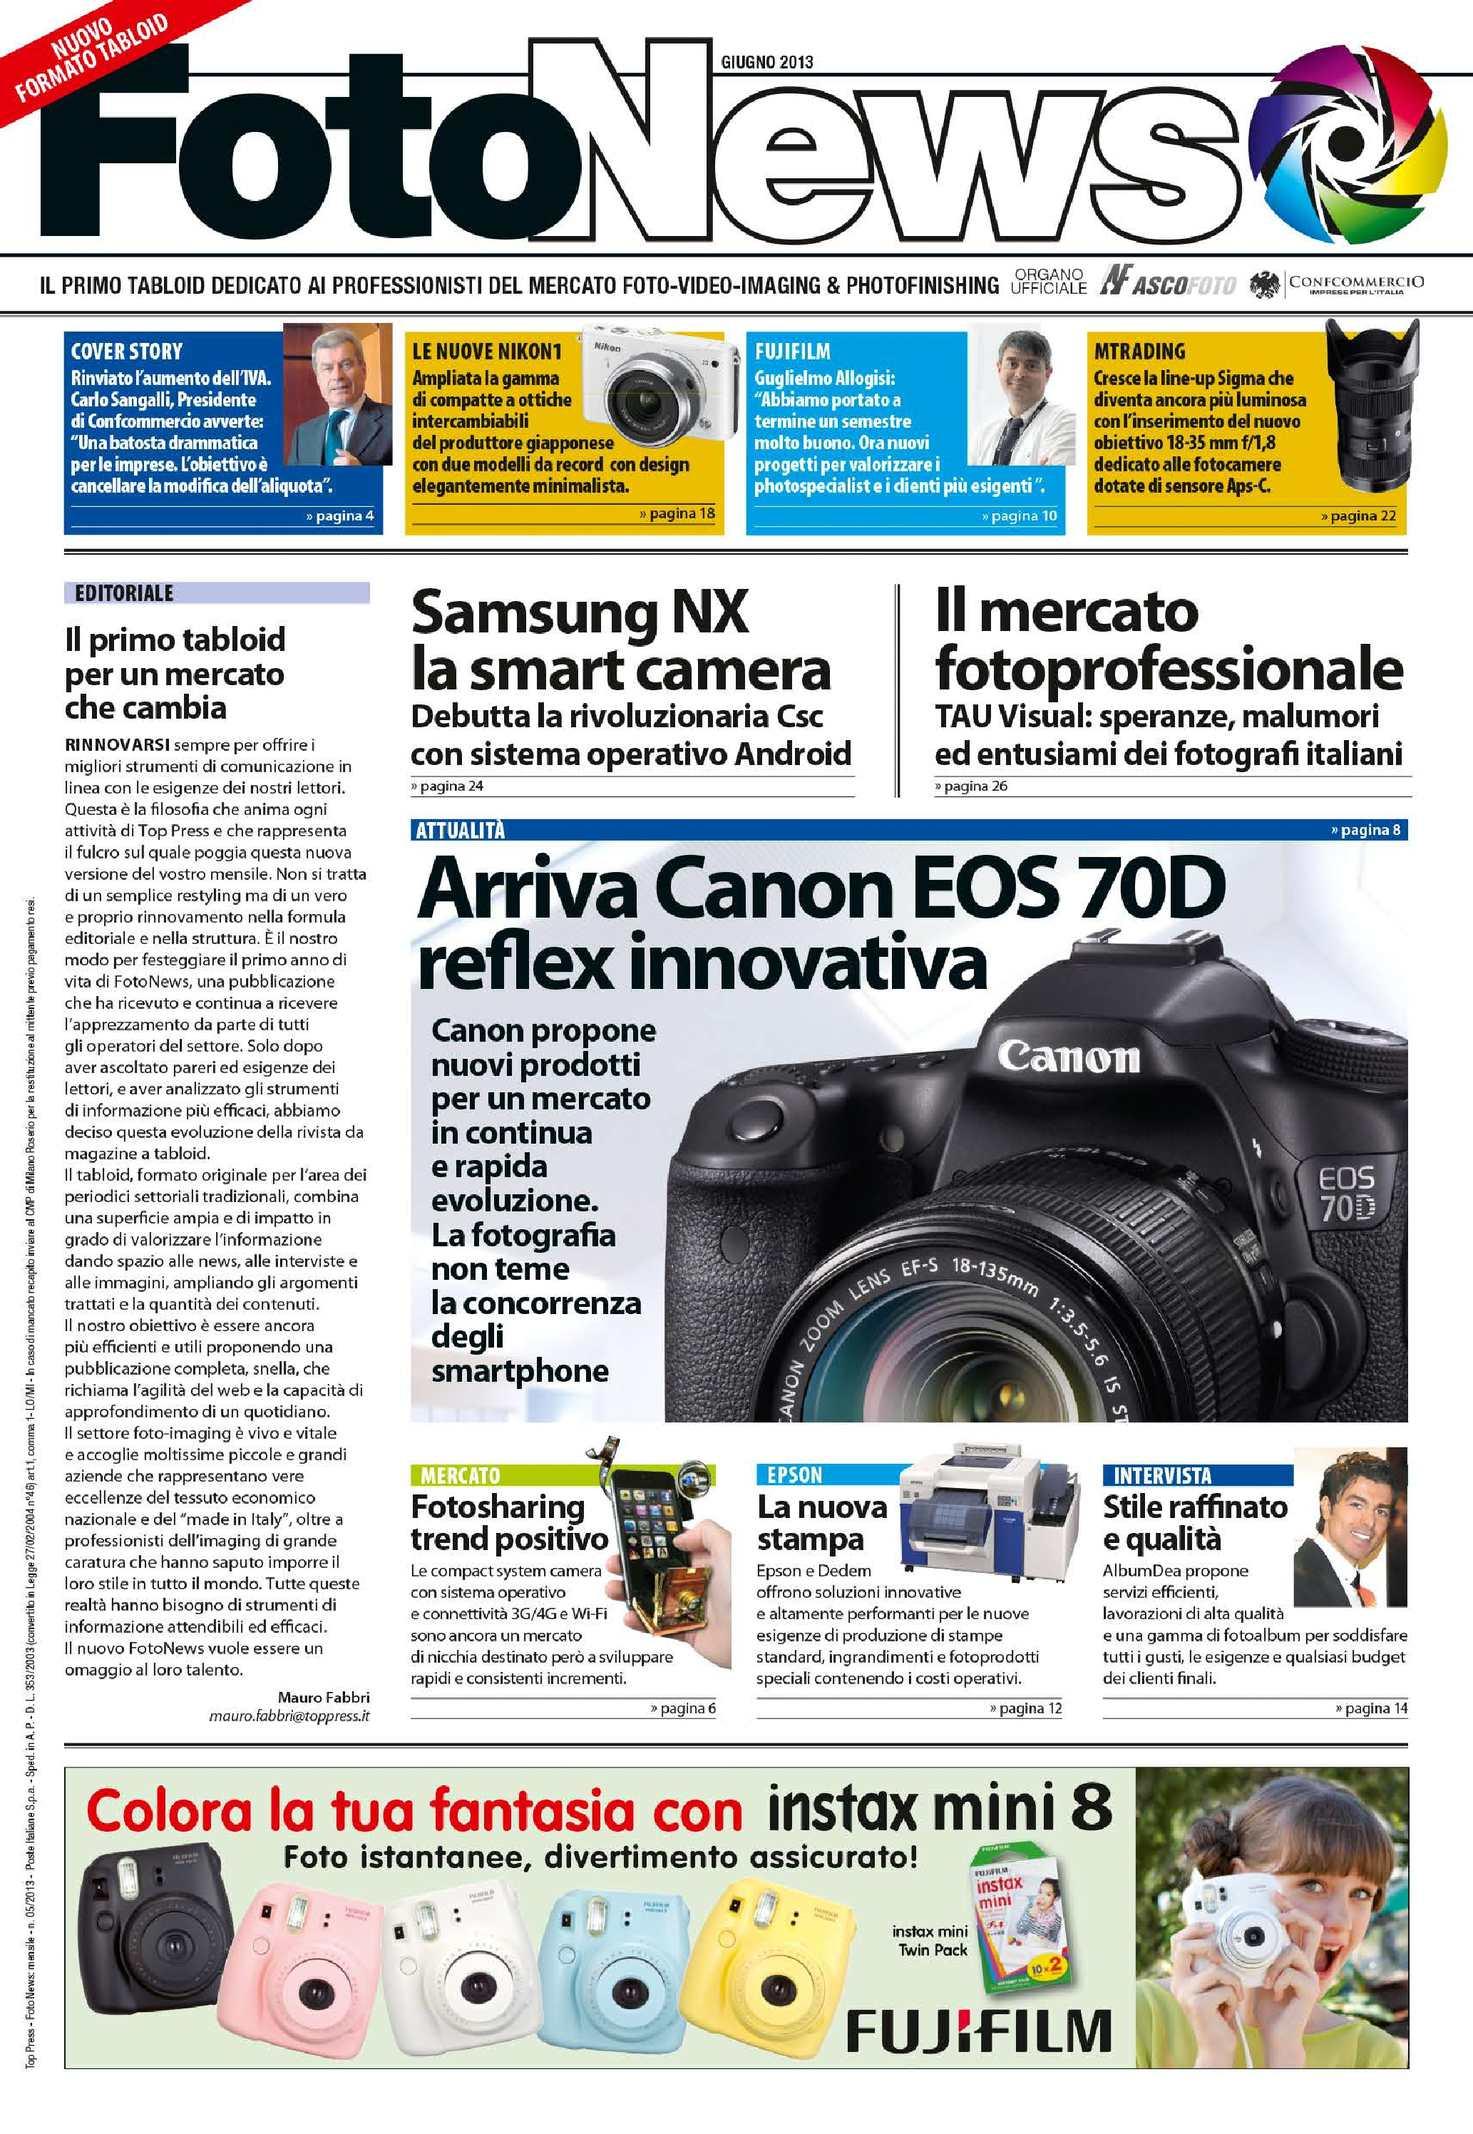 FotoNews 05/2013